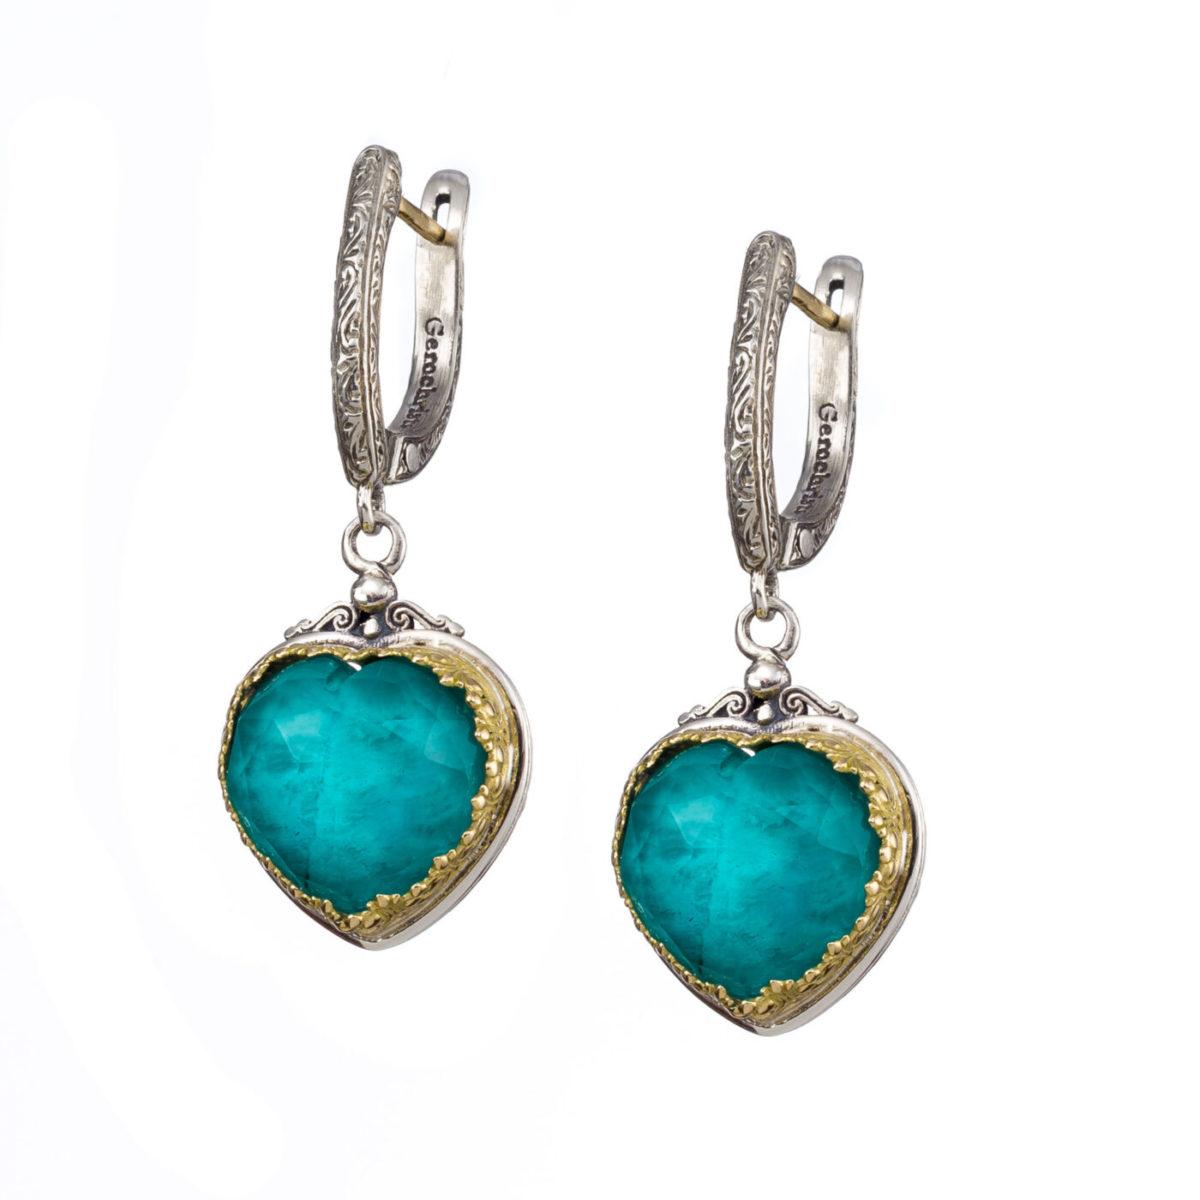 Κρεμαστά σκουλαρίκια Gerochristos στολισμένα με ντουμπλέτα πέτρα Αμαζονίτη και διάφανο Χαλαζία